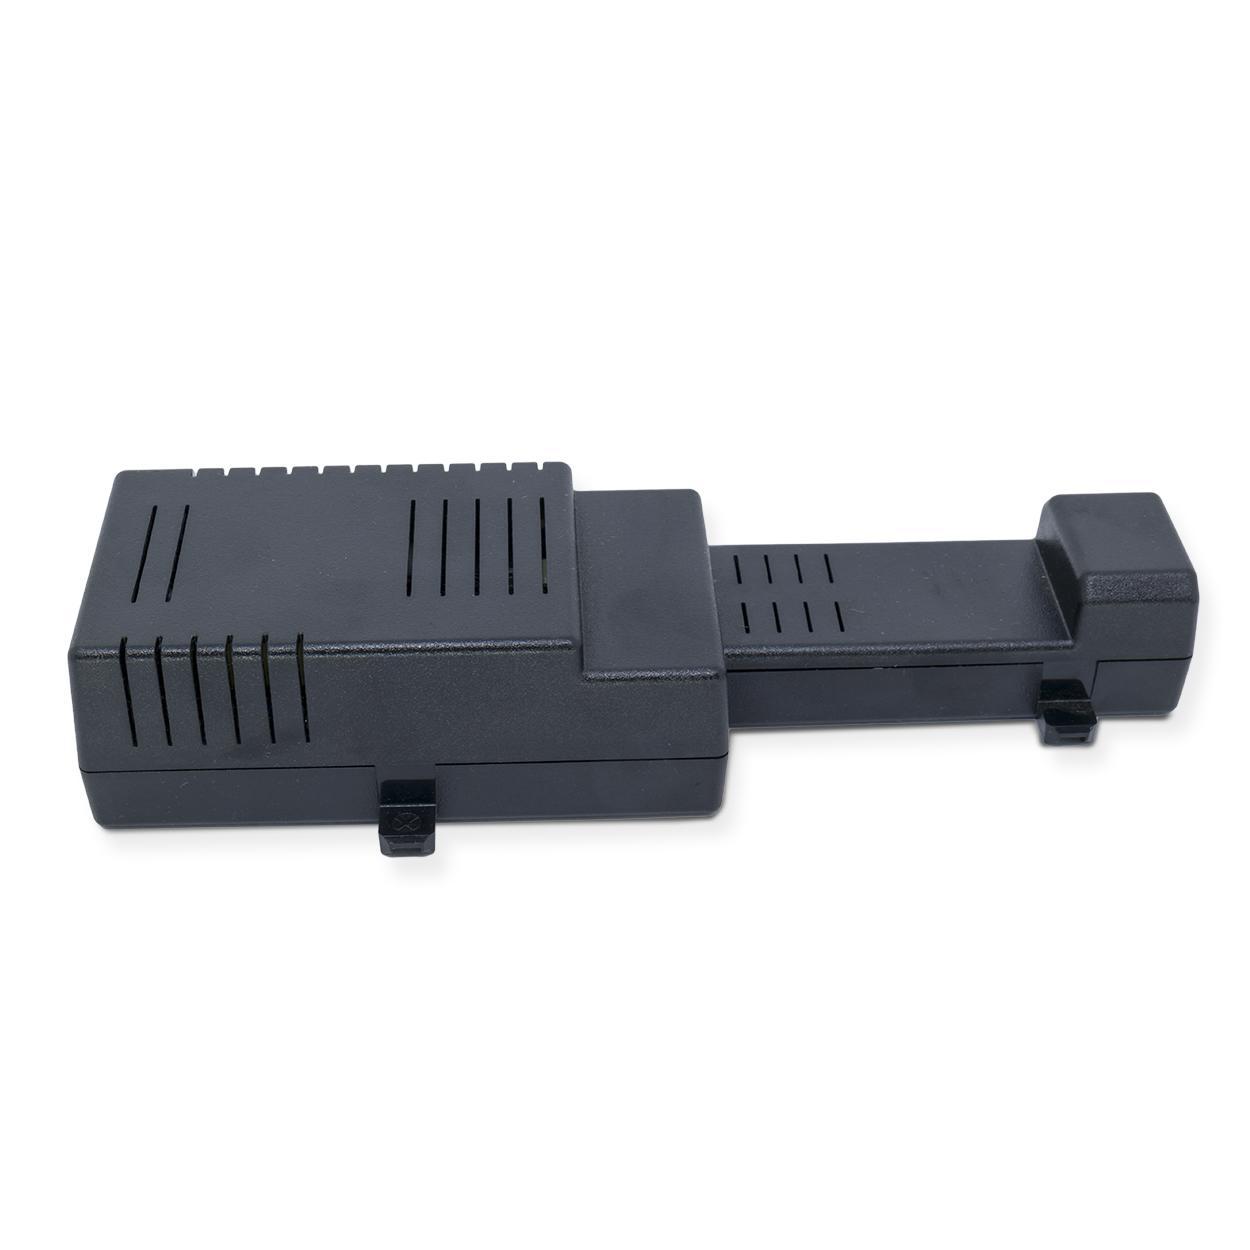 Fonte de Energia para Impressoras HP PRO 8100, 8600, 8610, 8620, 251DW, 276DW, T120, T130, T520 e T530